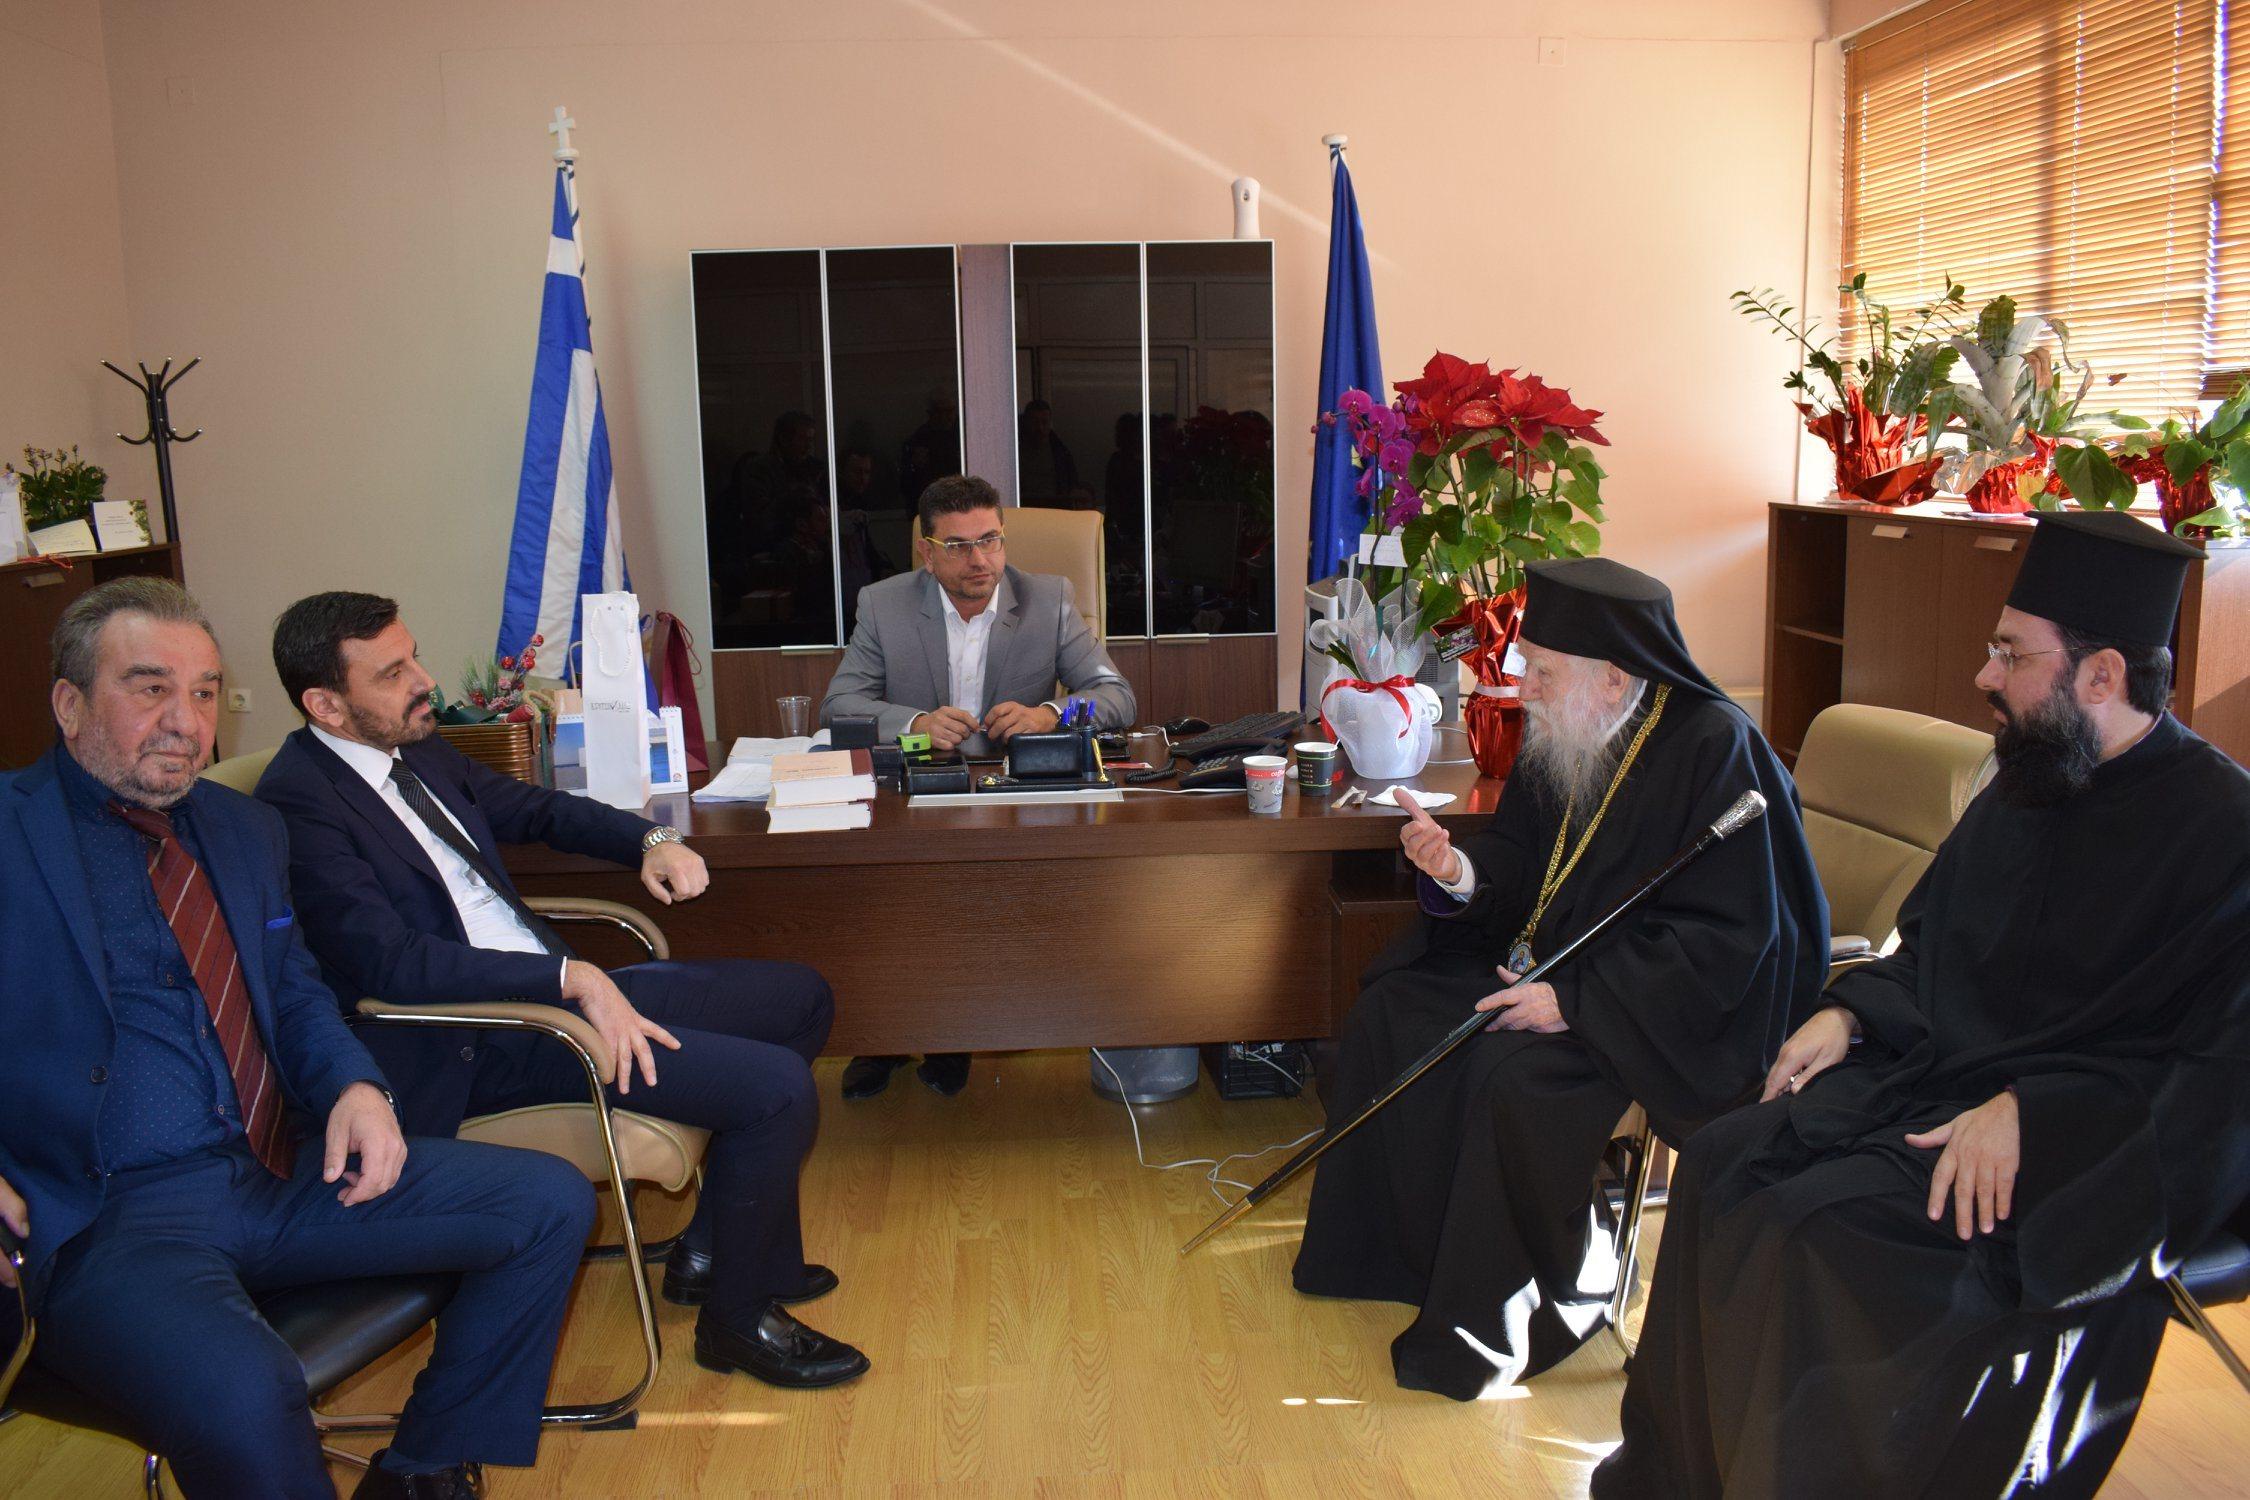 Δήμος Ανδραβίδας-Κυλλήνης: Πολιτικοί και Αυτοδιοικητικοί αλλά και πολίτες ευχήθηκαν στον Δήμαρχο Γιάννη Λέντζα για την ονομαστική του εορτή (photos)